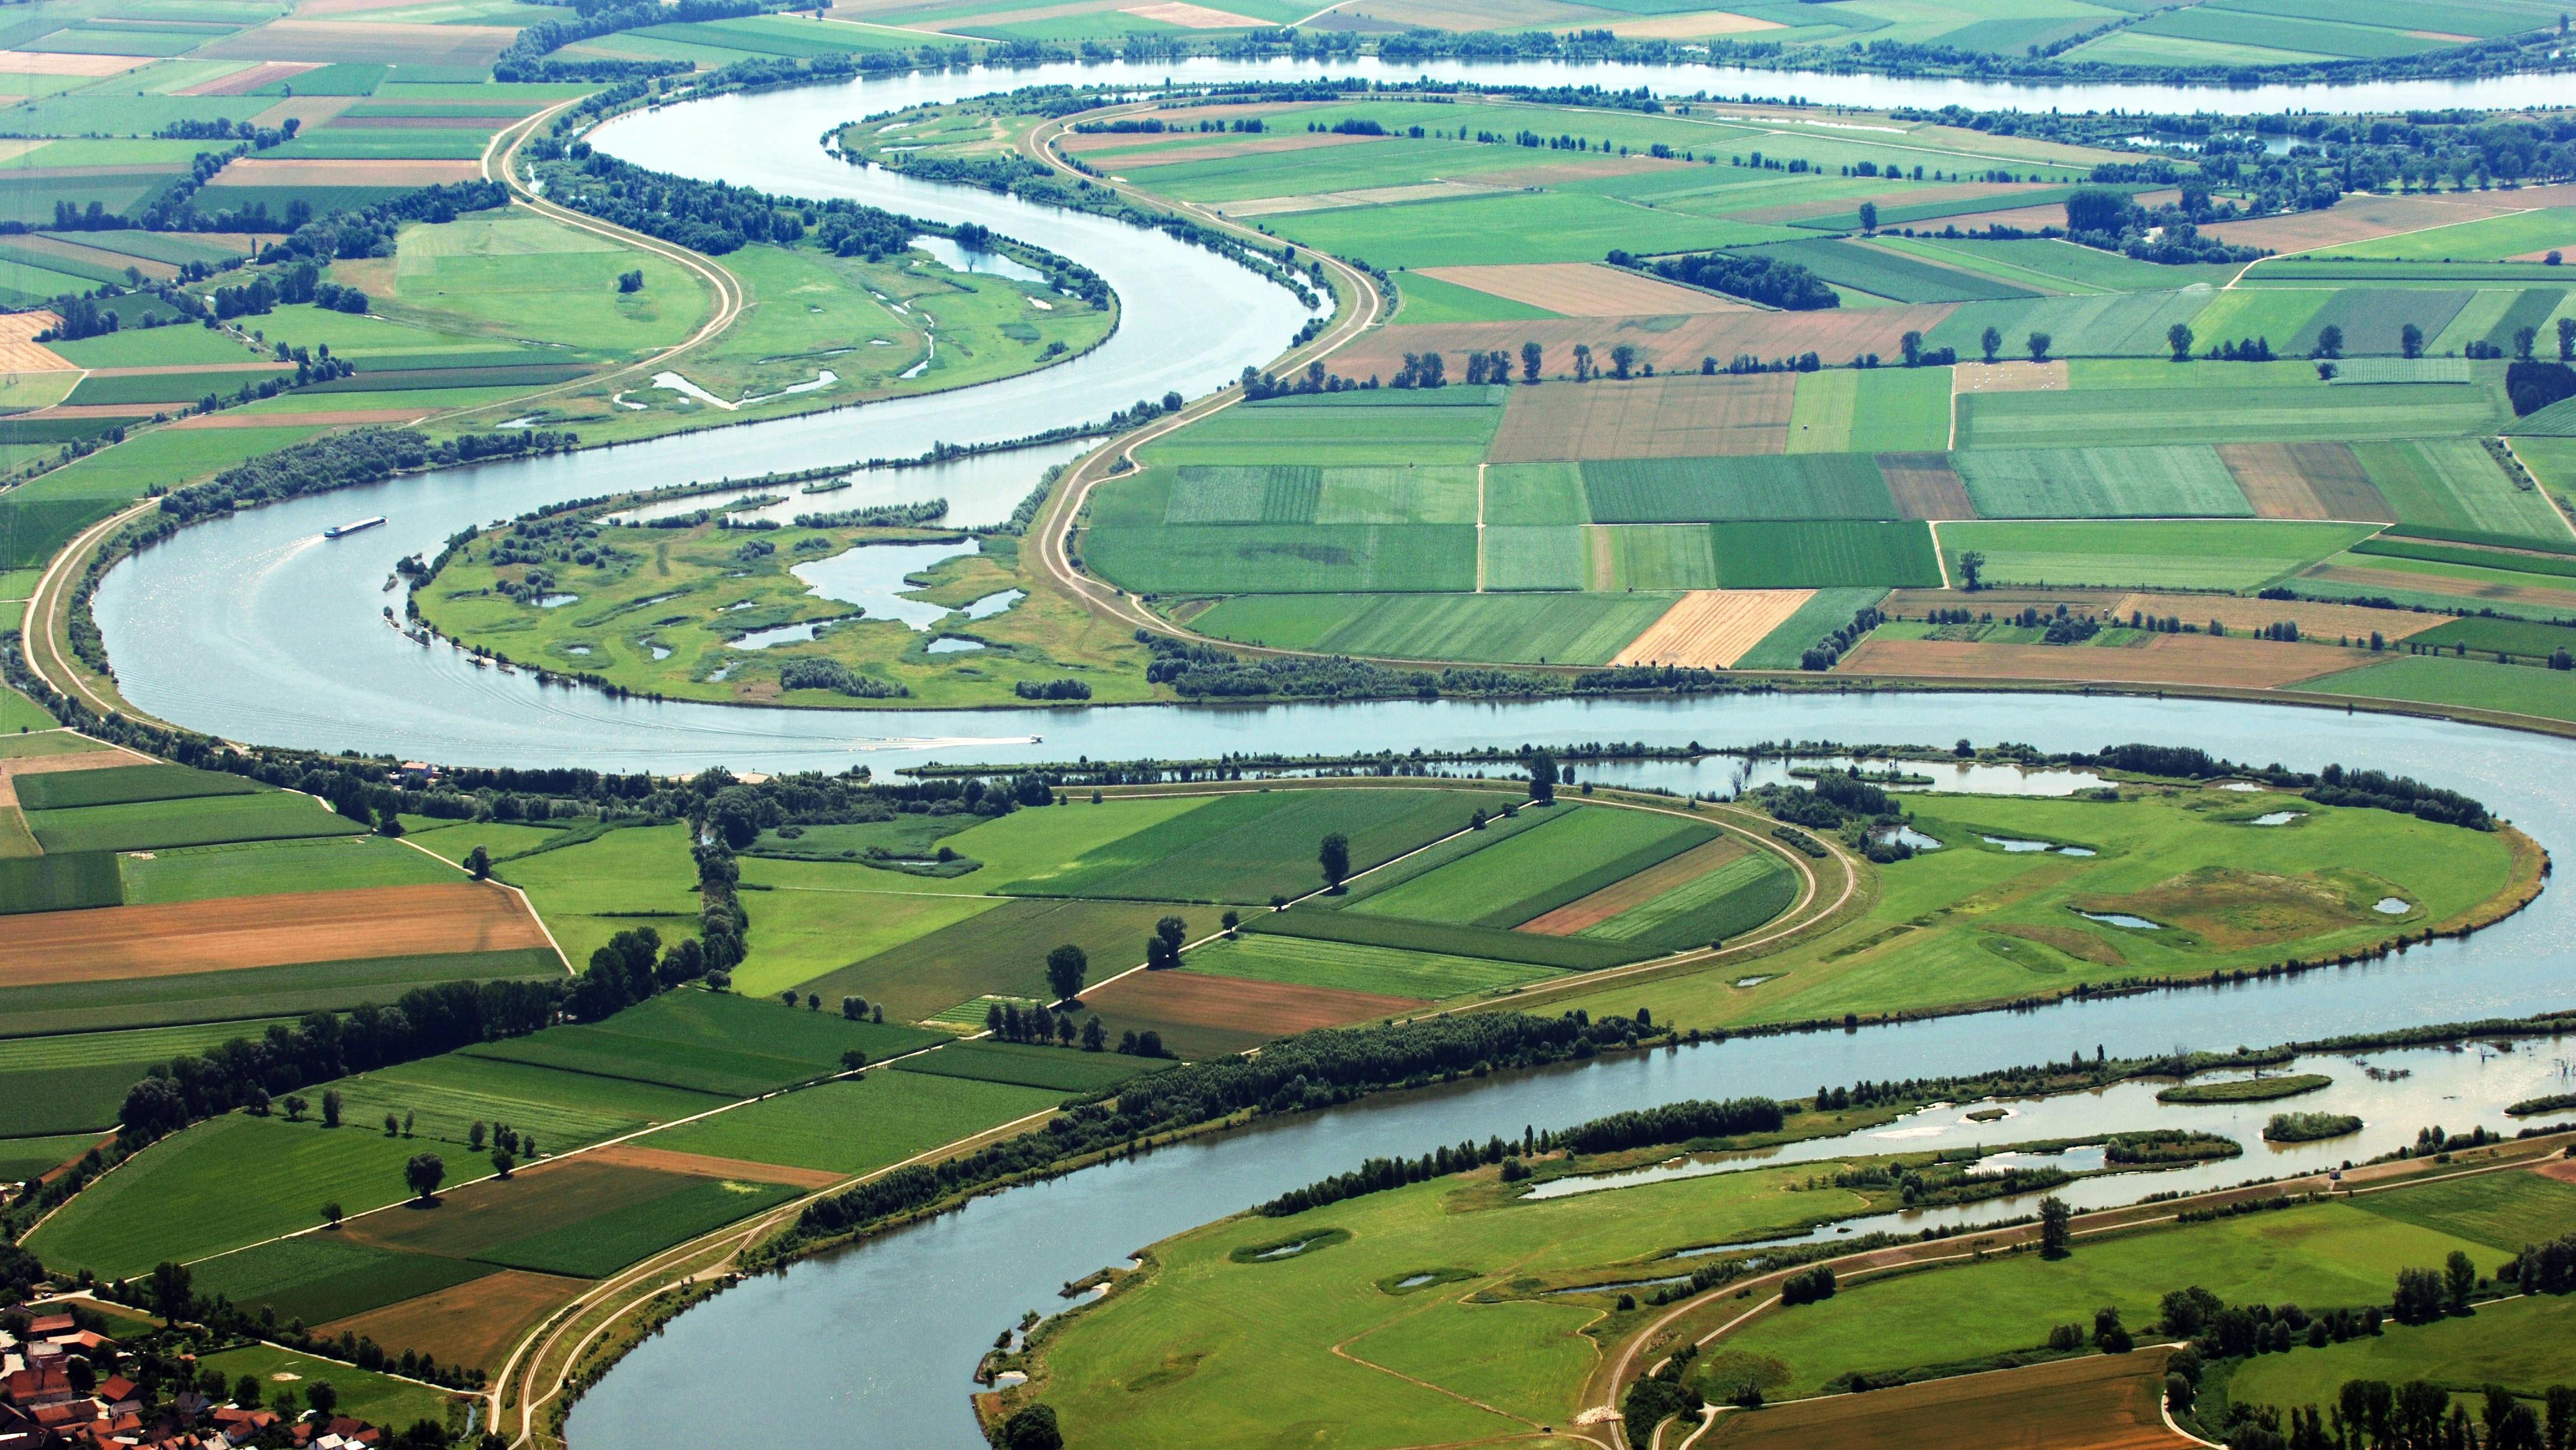 Die Donau bei Pondorf im Kreis Straubing-Bogen.